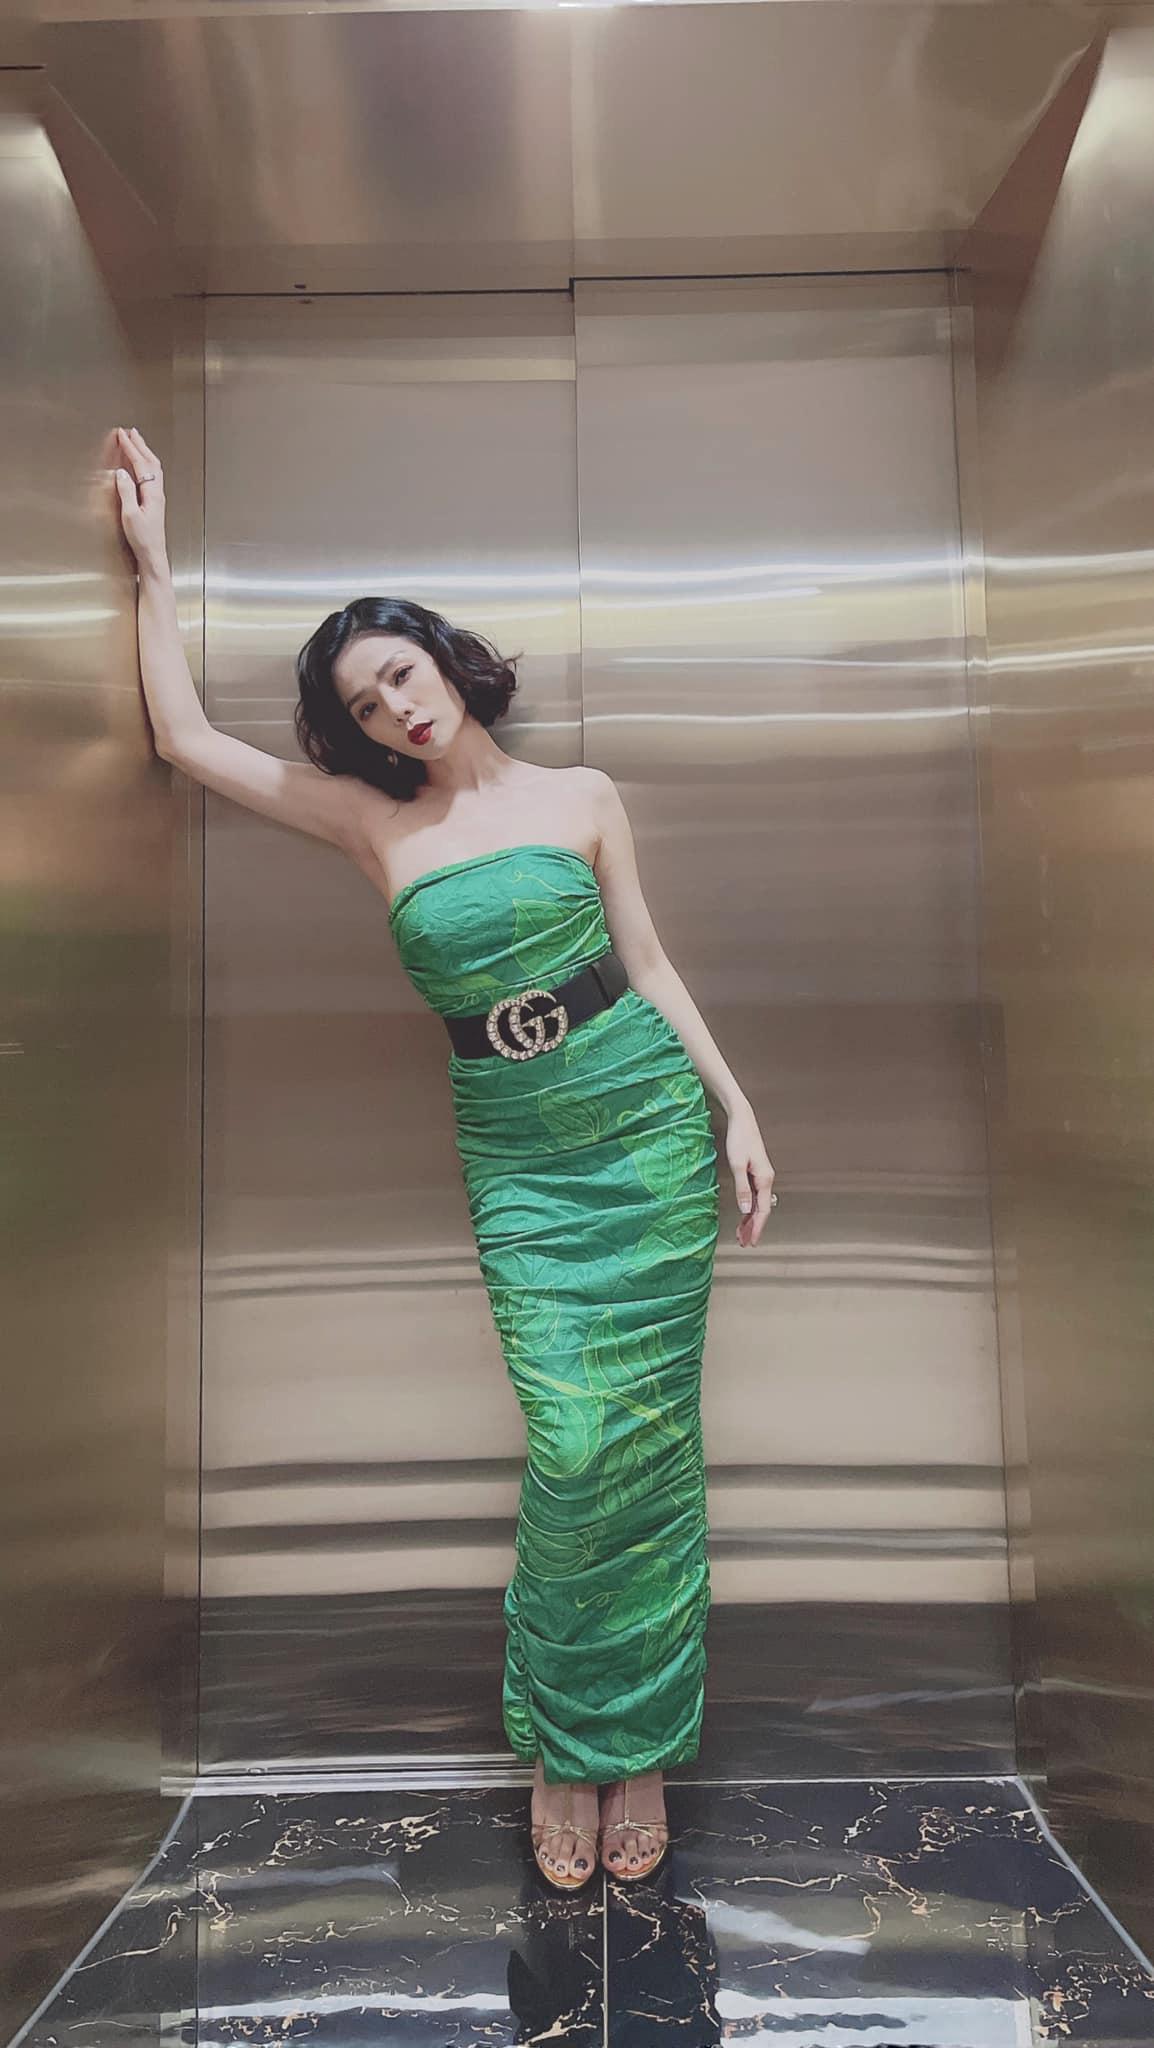 Mỹ nhân mặc quyến rũ tuần qua: Minh Hằng mặc váy yếm, Ngọc Trinh diện váy siêu ngắn - Ảnh 6.